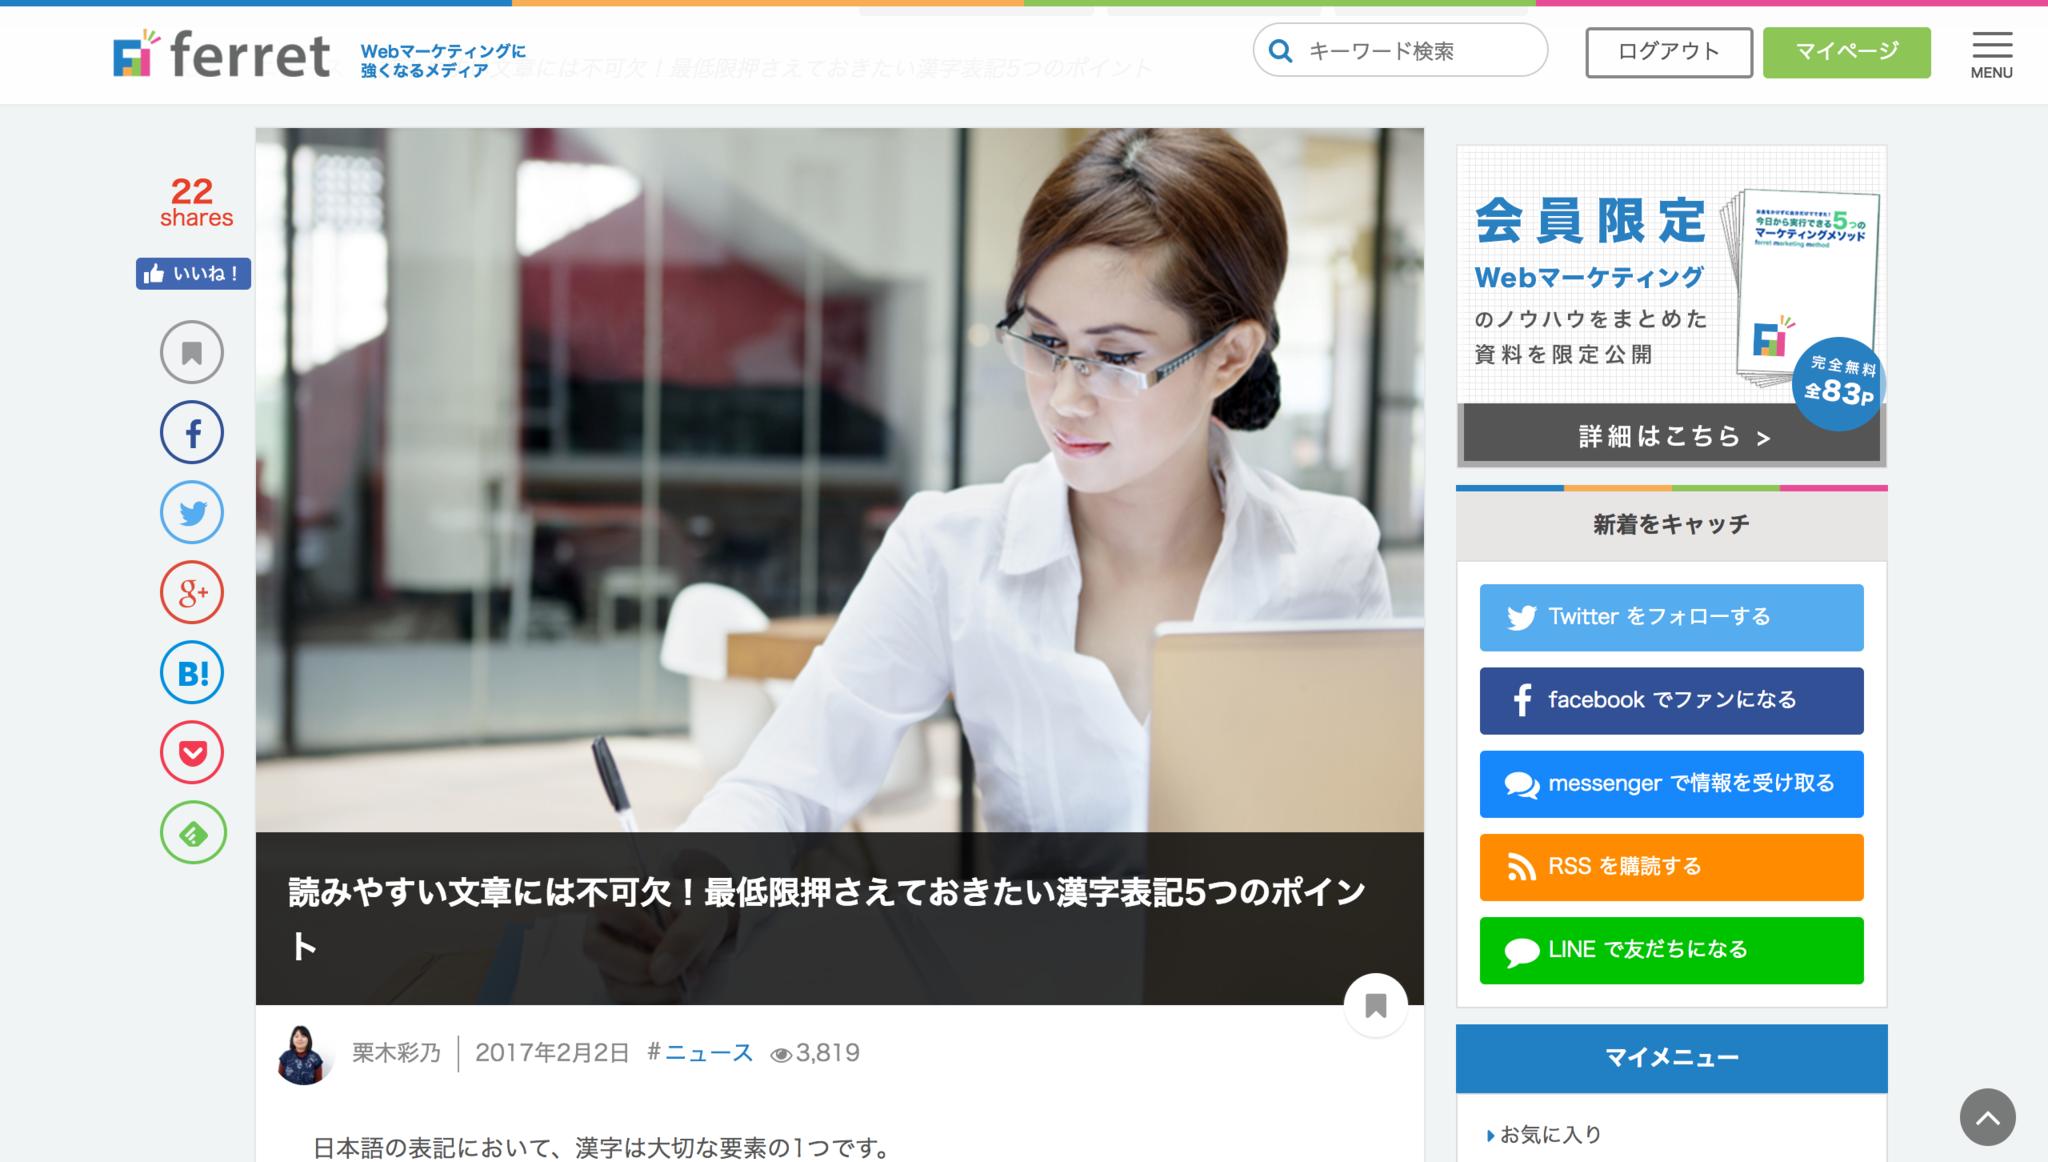 読みやすい文章には不可欠!最低限押さえておきたい漢字表記5つのポイント|ferret__フェレット_.png